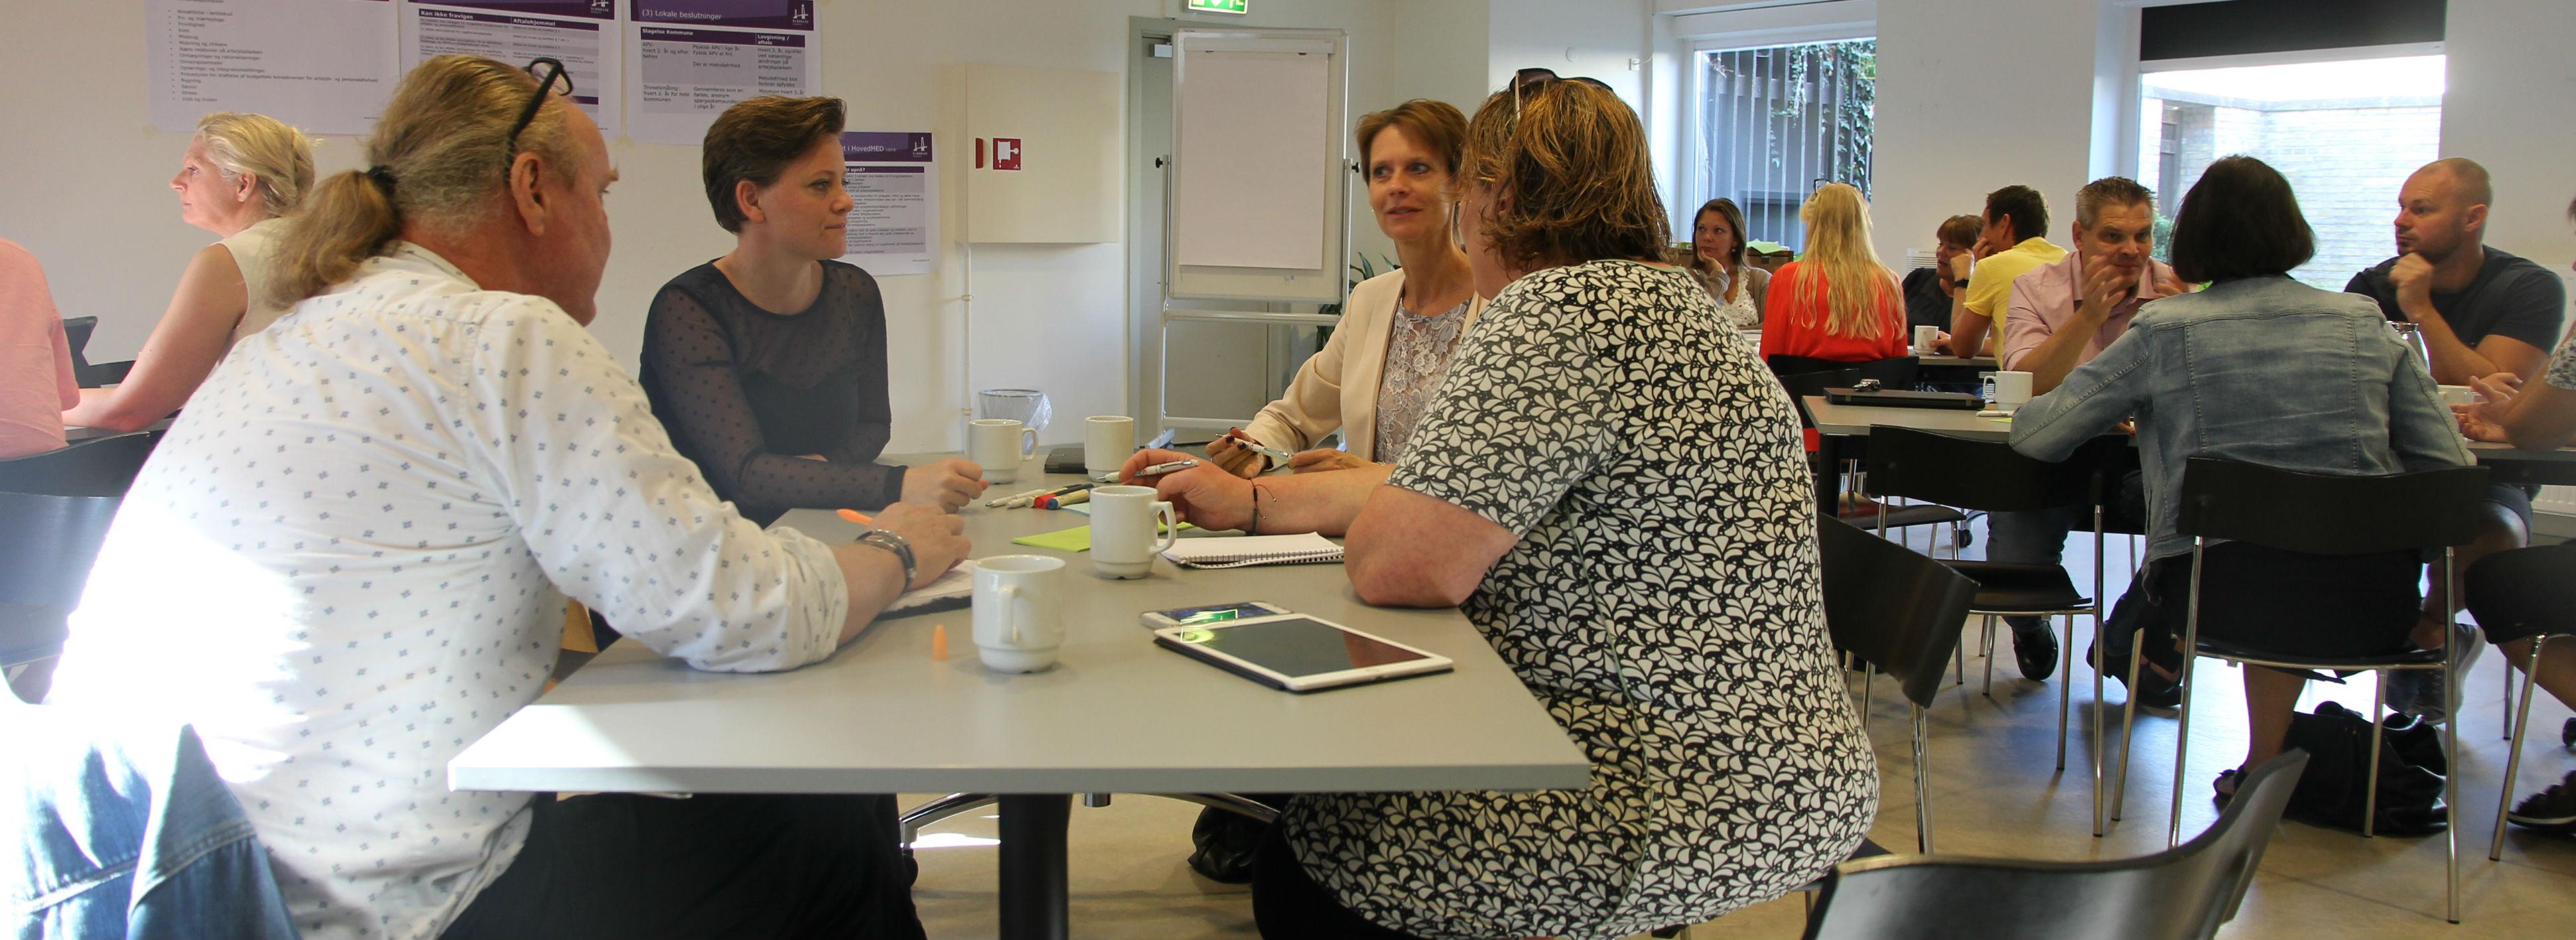 Strategimøde i Slagelses HovedMED mandag morgen.<br />Foto: Niels Lassen, Slagelse Kommune